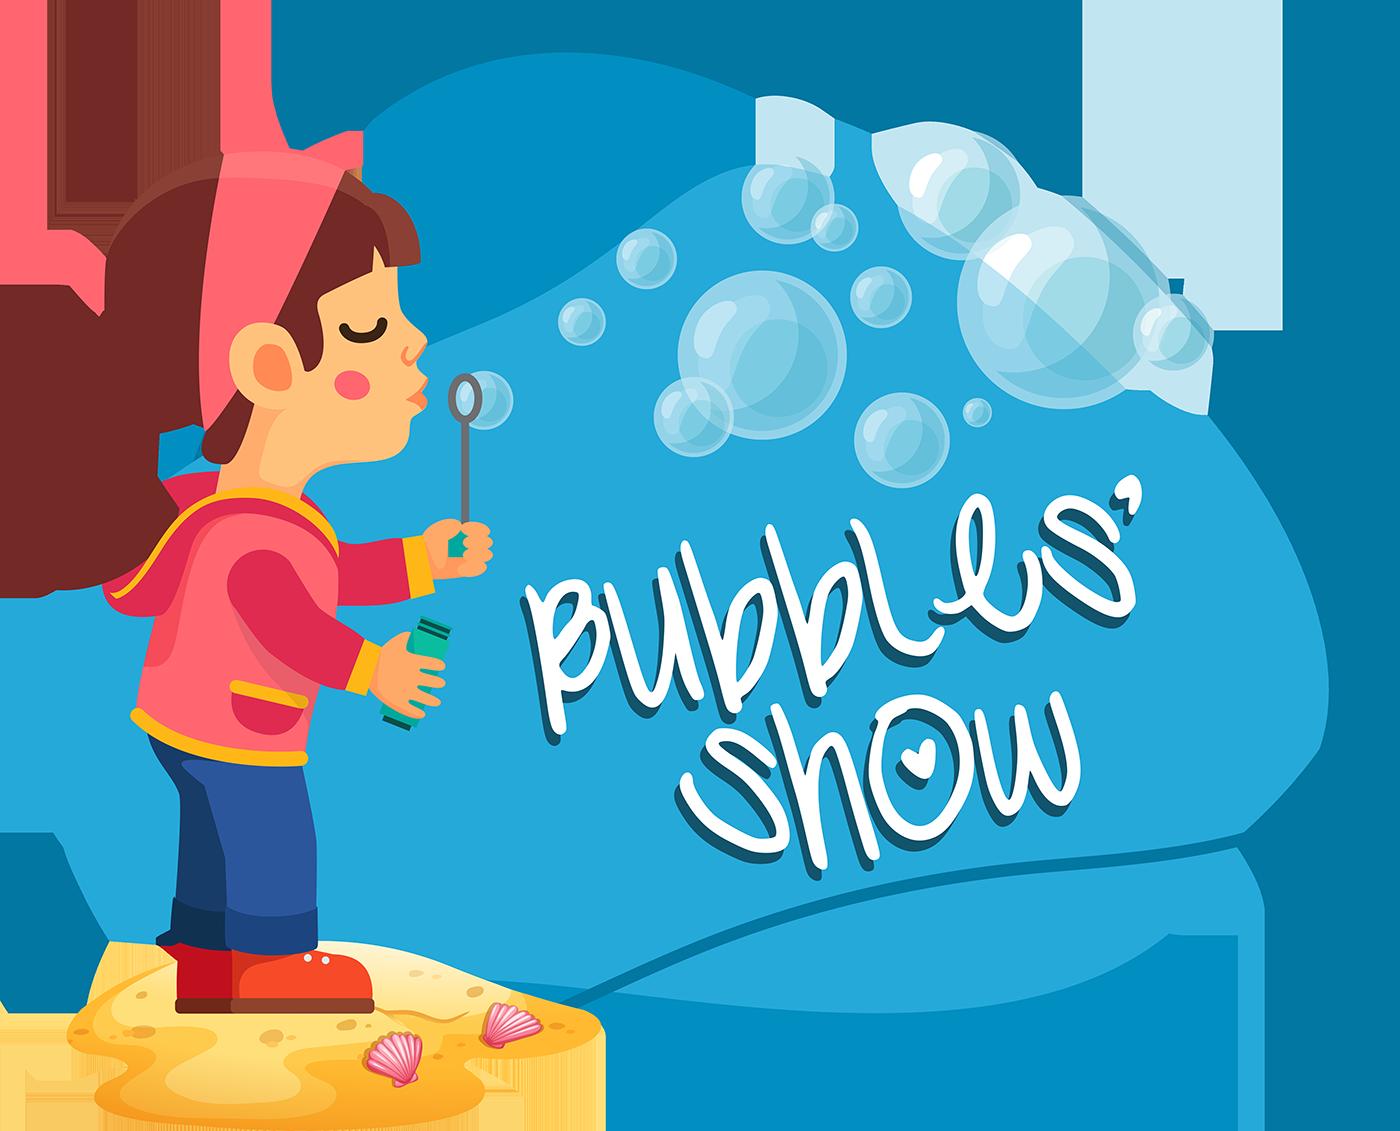 Bubbles' Show